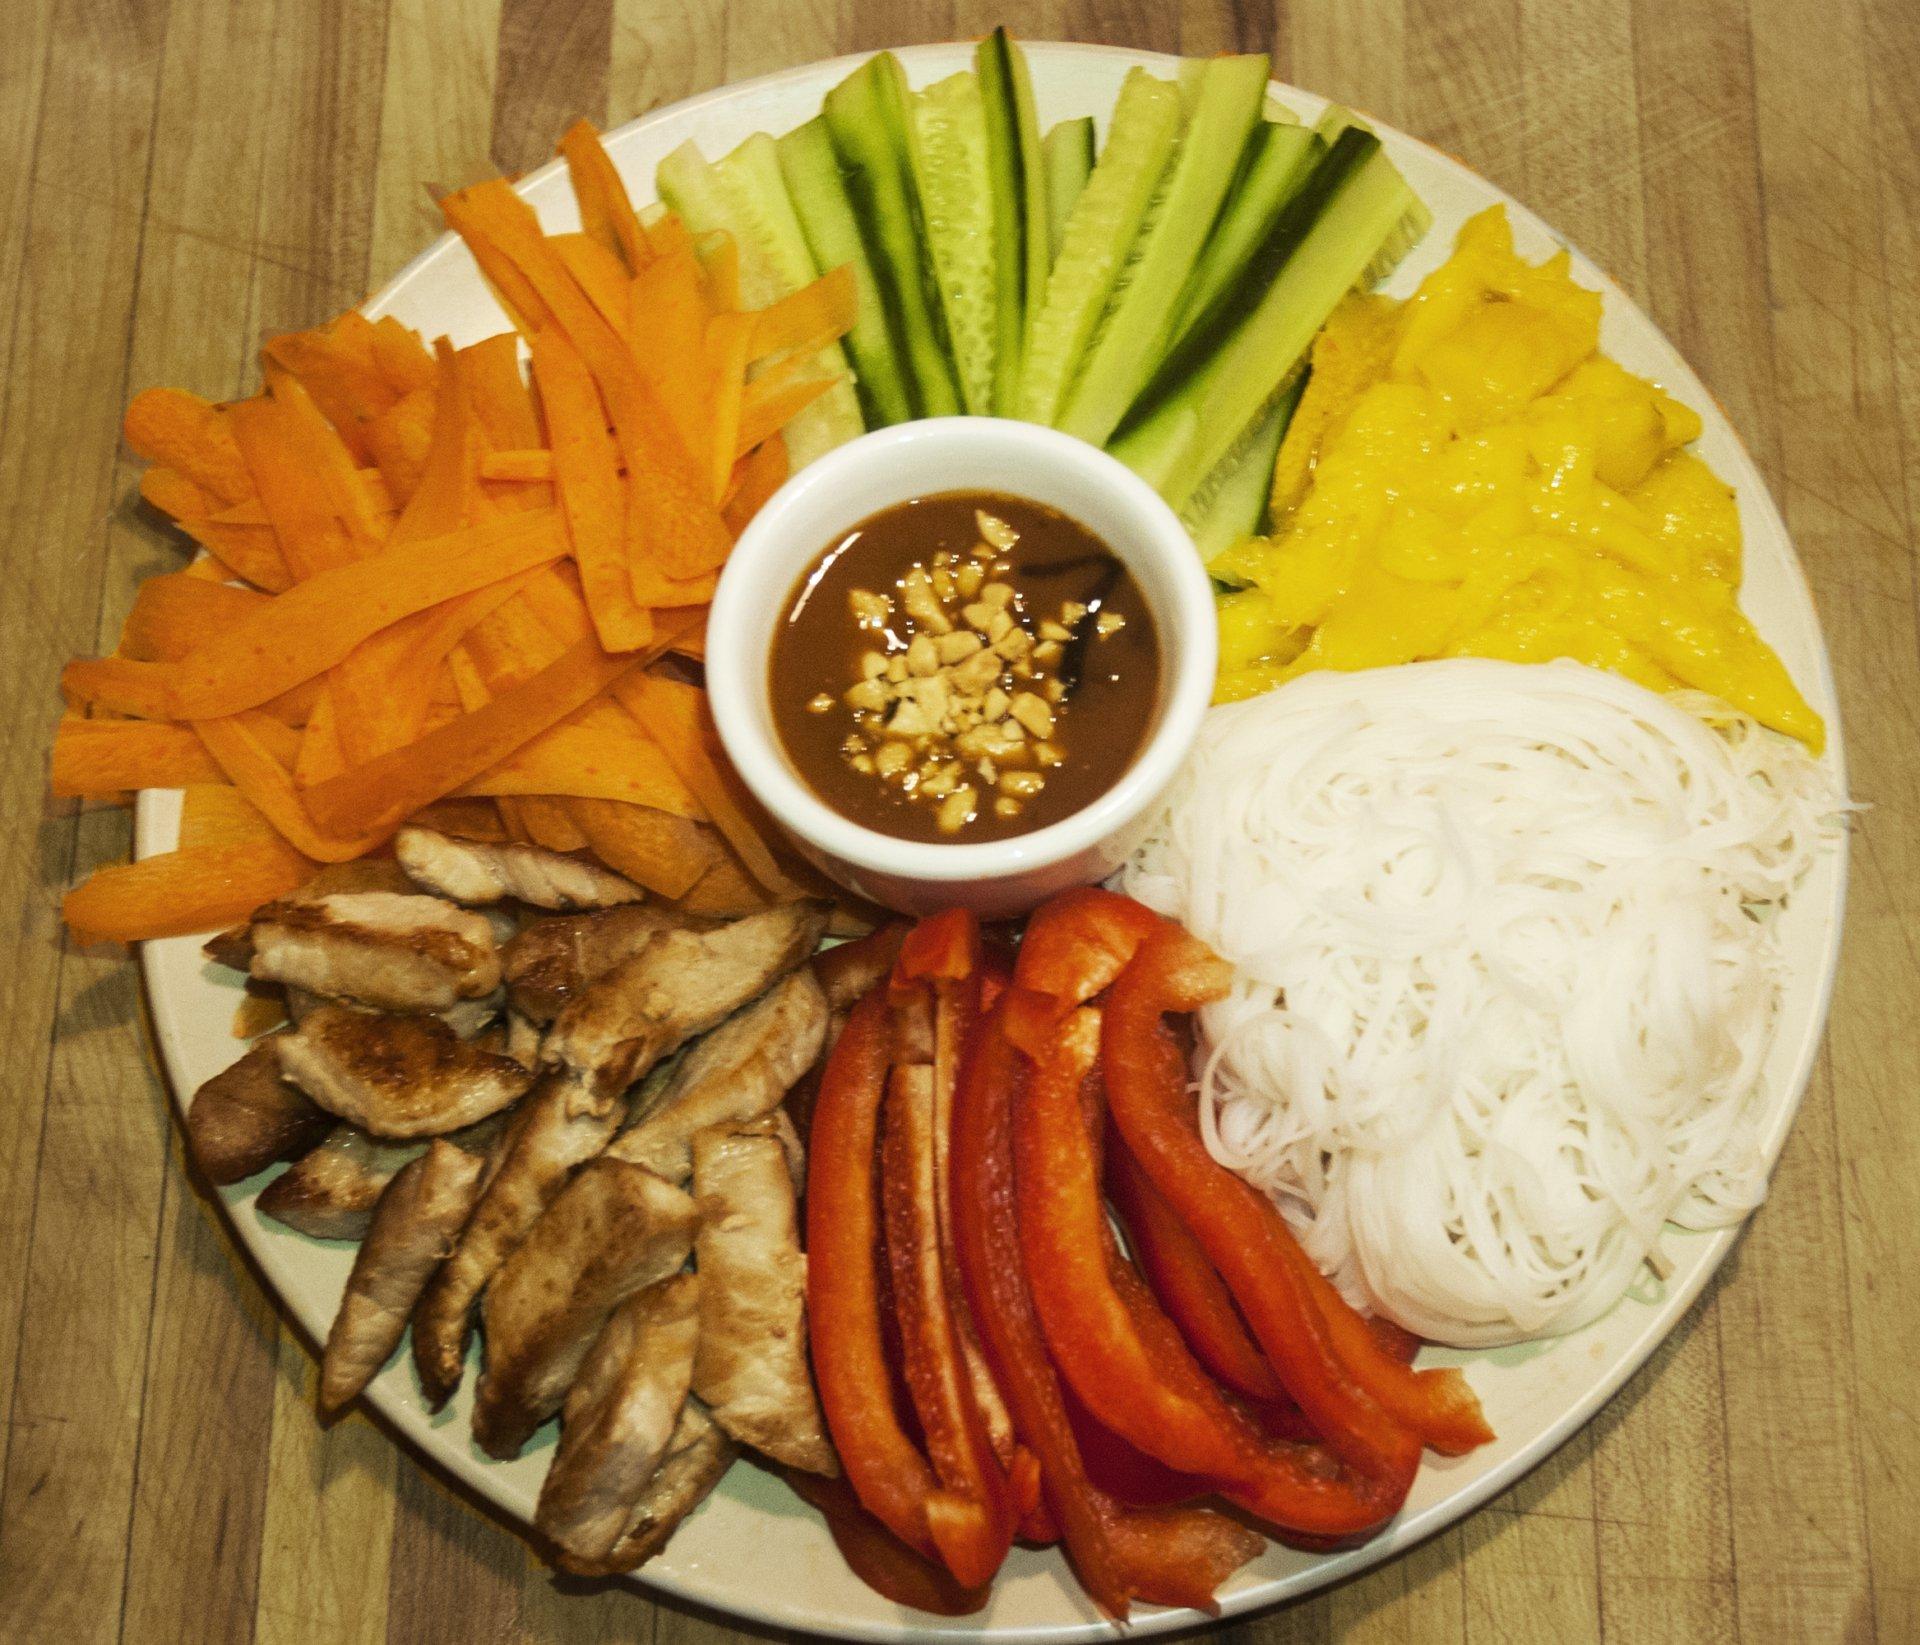 Colorer votre assiette!